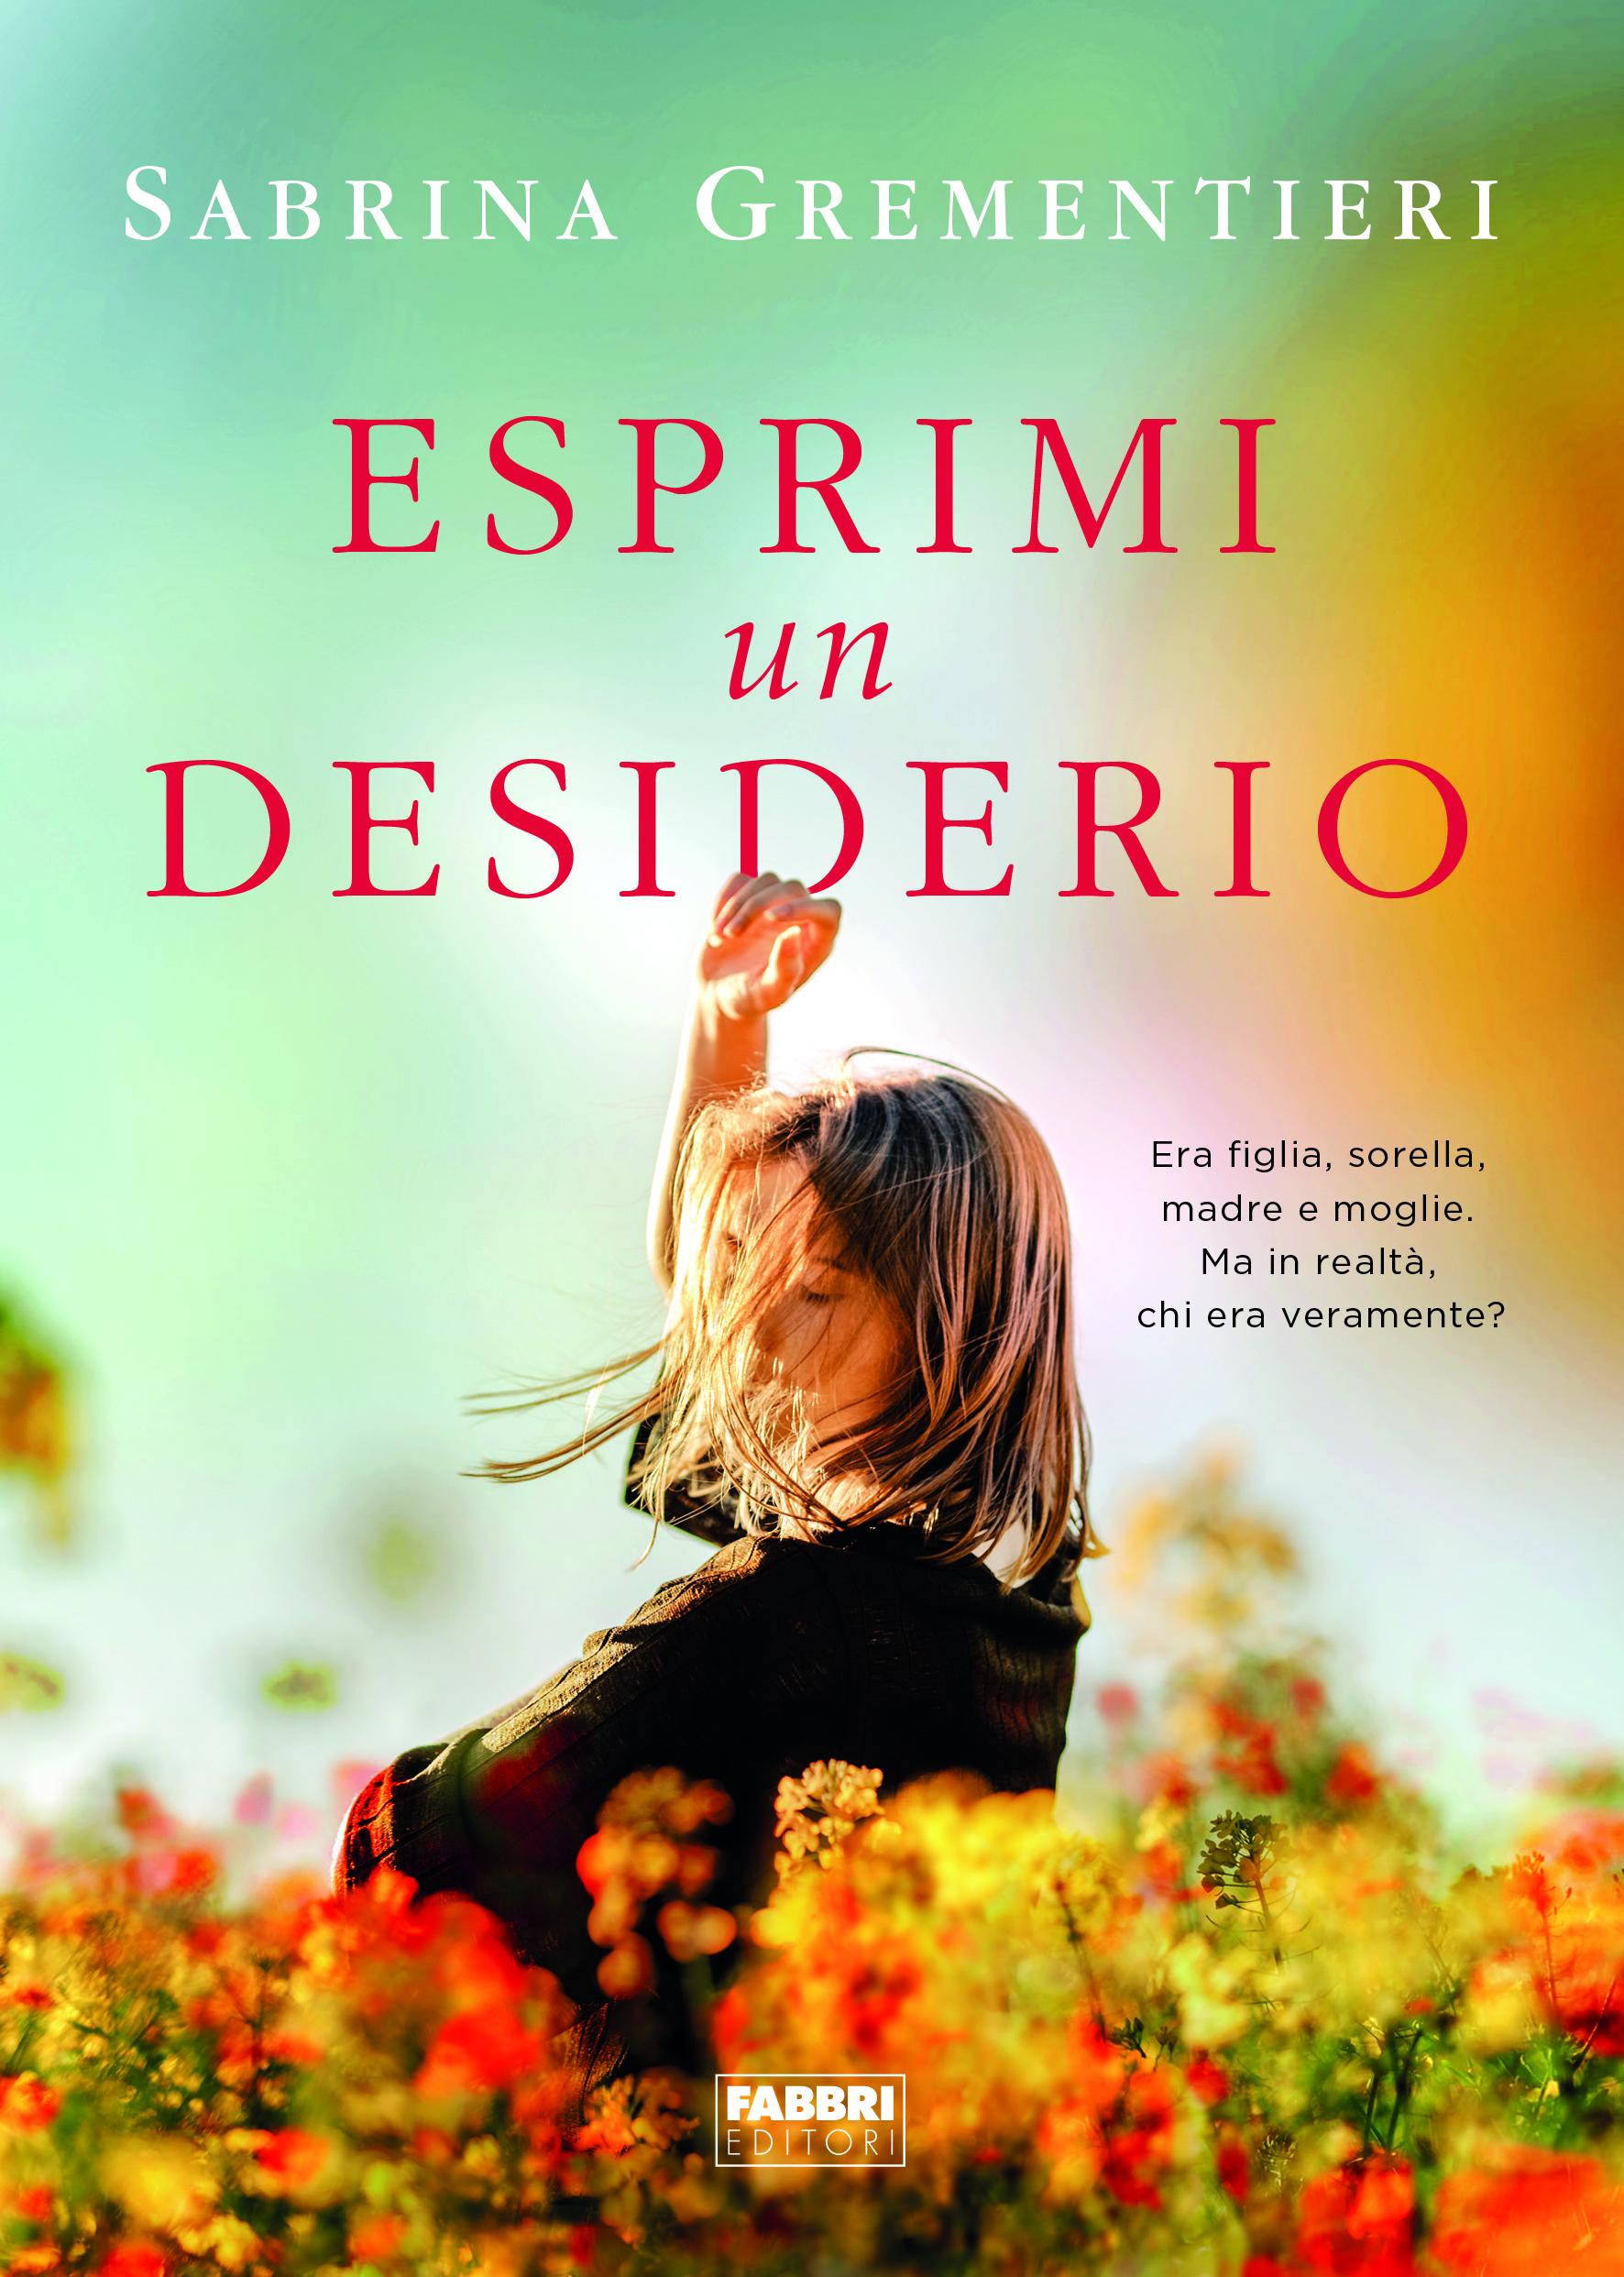 """Giulianova. Editoria: """"ESPRIMI UN DESIDERIO"""", incontro con:Sabrina GREMENTIERI. A cura di:Lorena MARCELLI"""